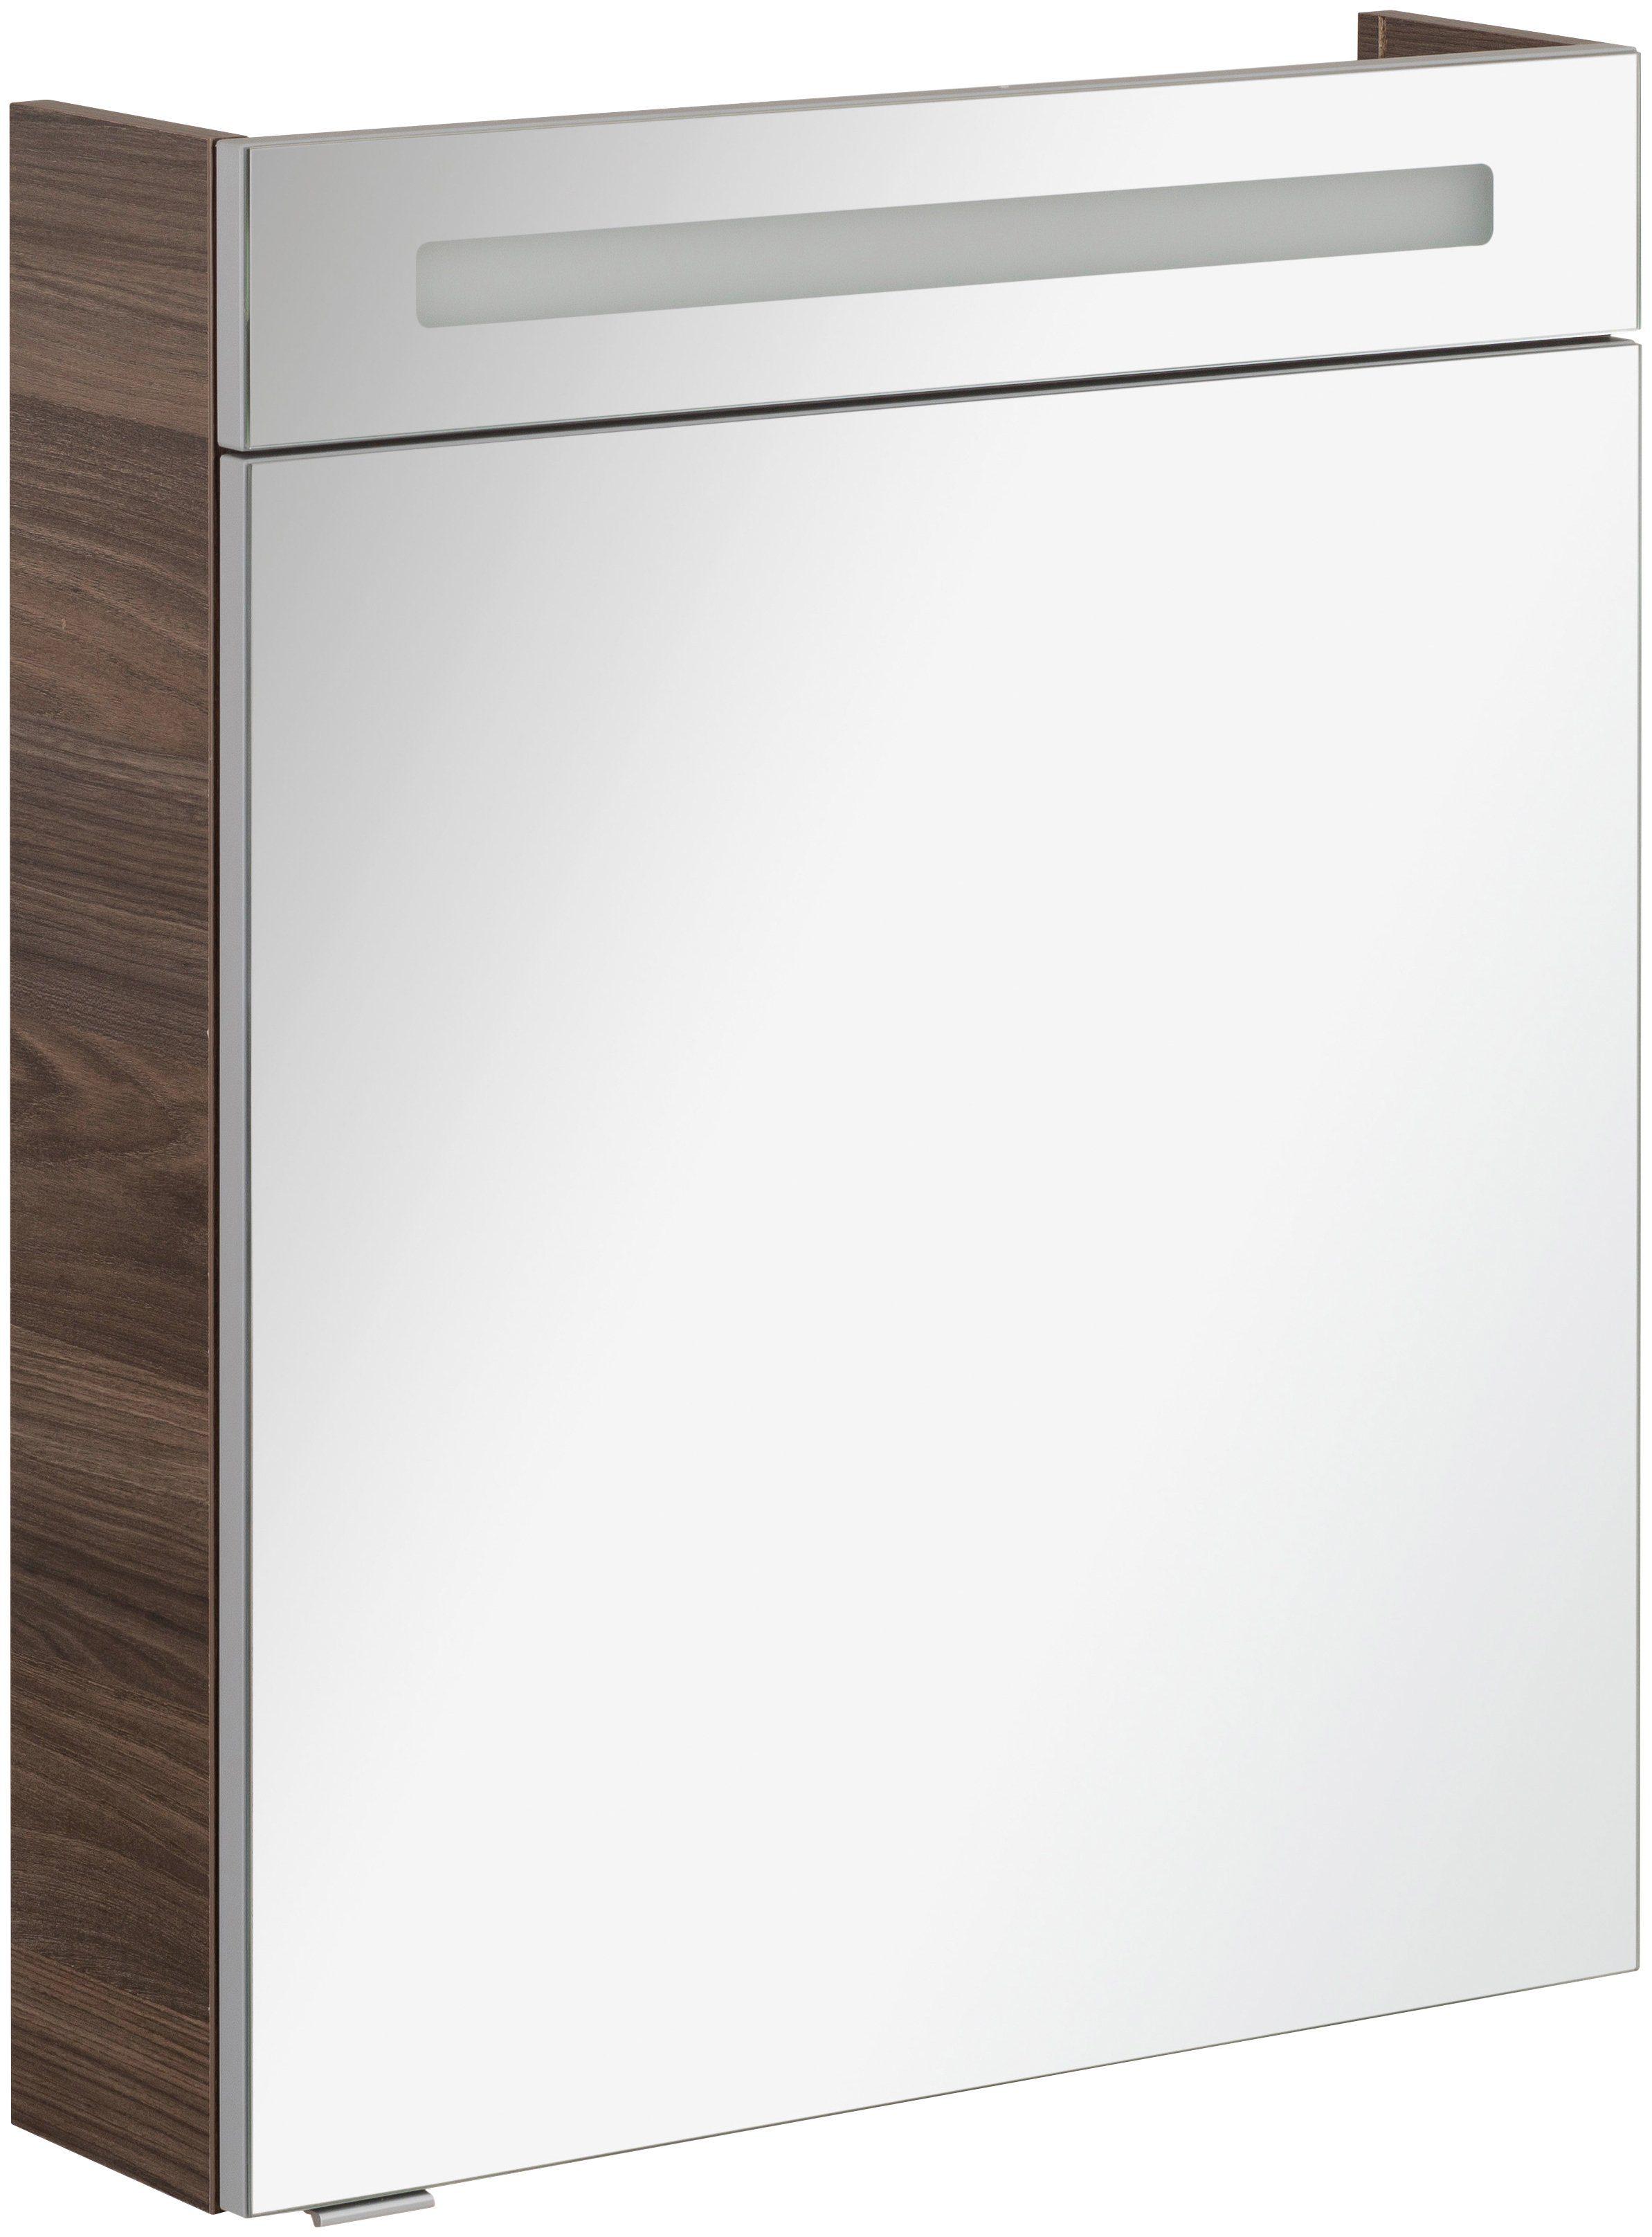 FACKELMANN Spiegelschrank »CL 60 - Ulme-Madera«, Breite 60 cm, 1 Tür